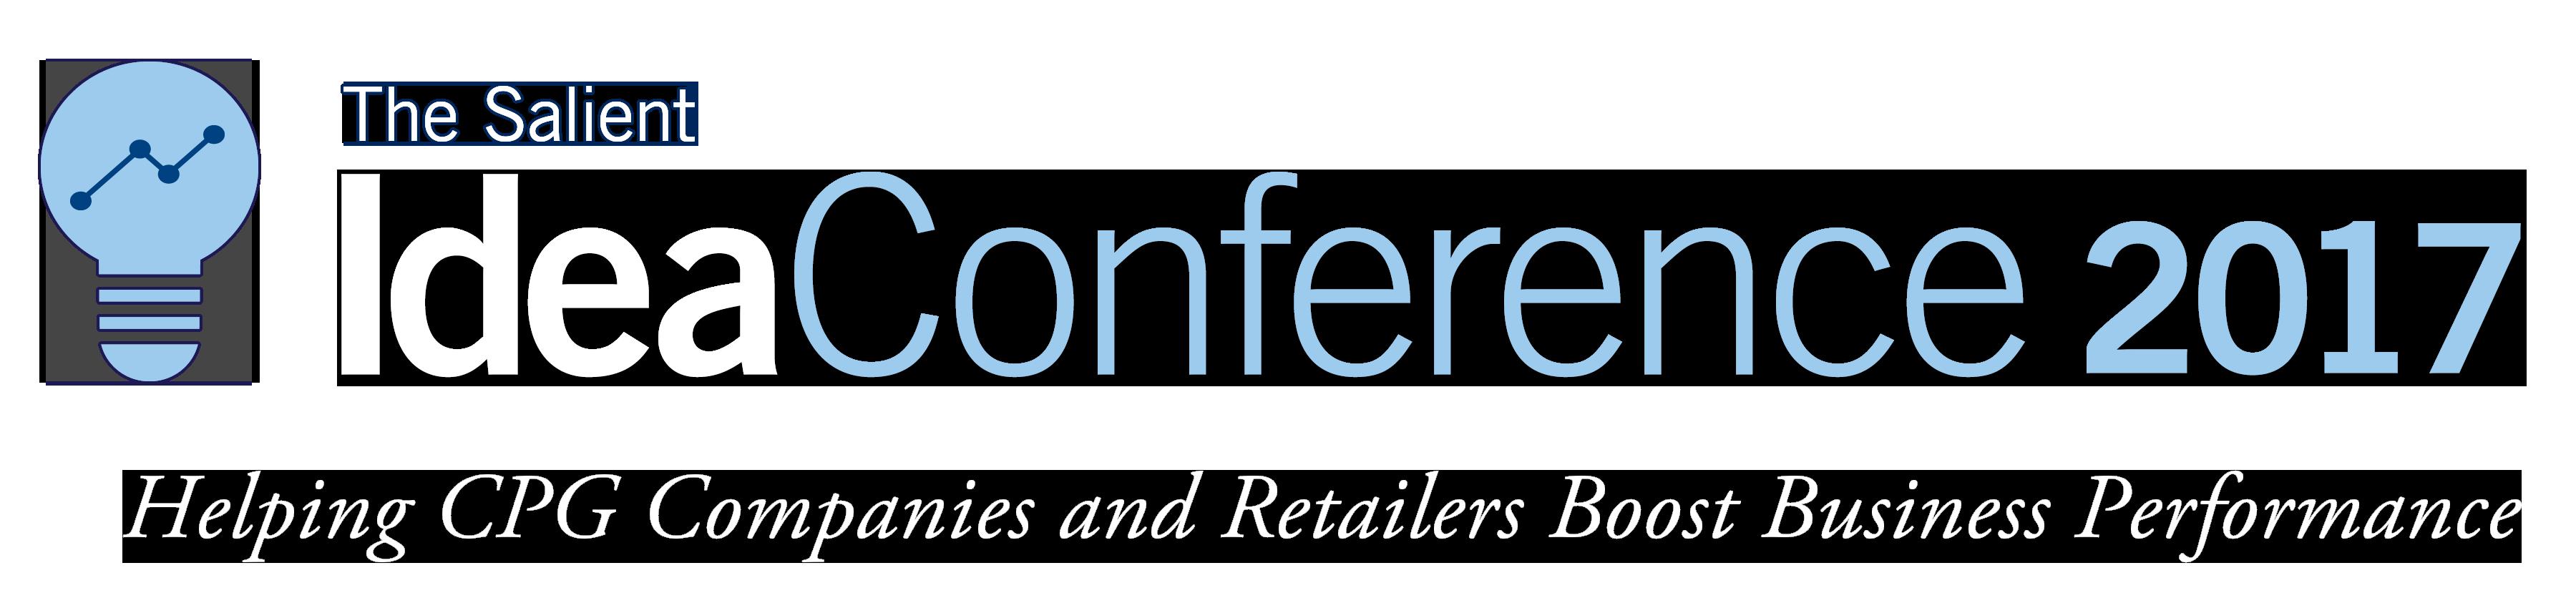 Idea Conference 2017